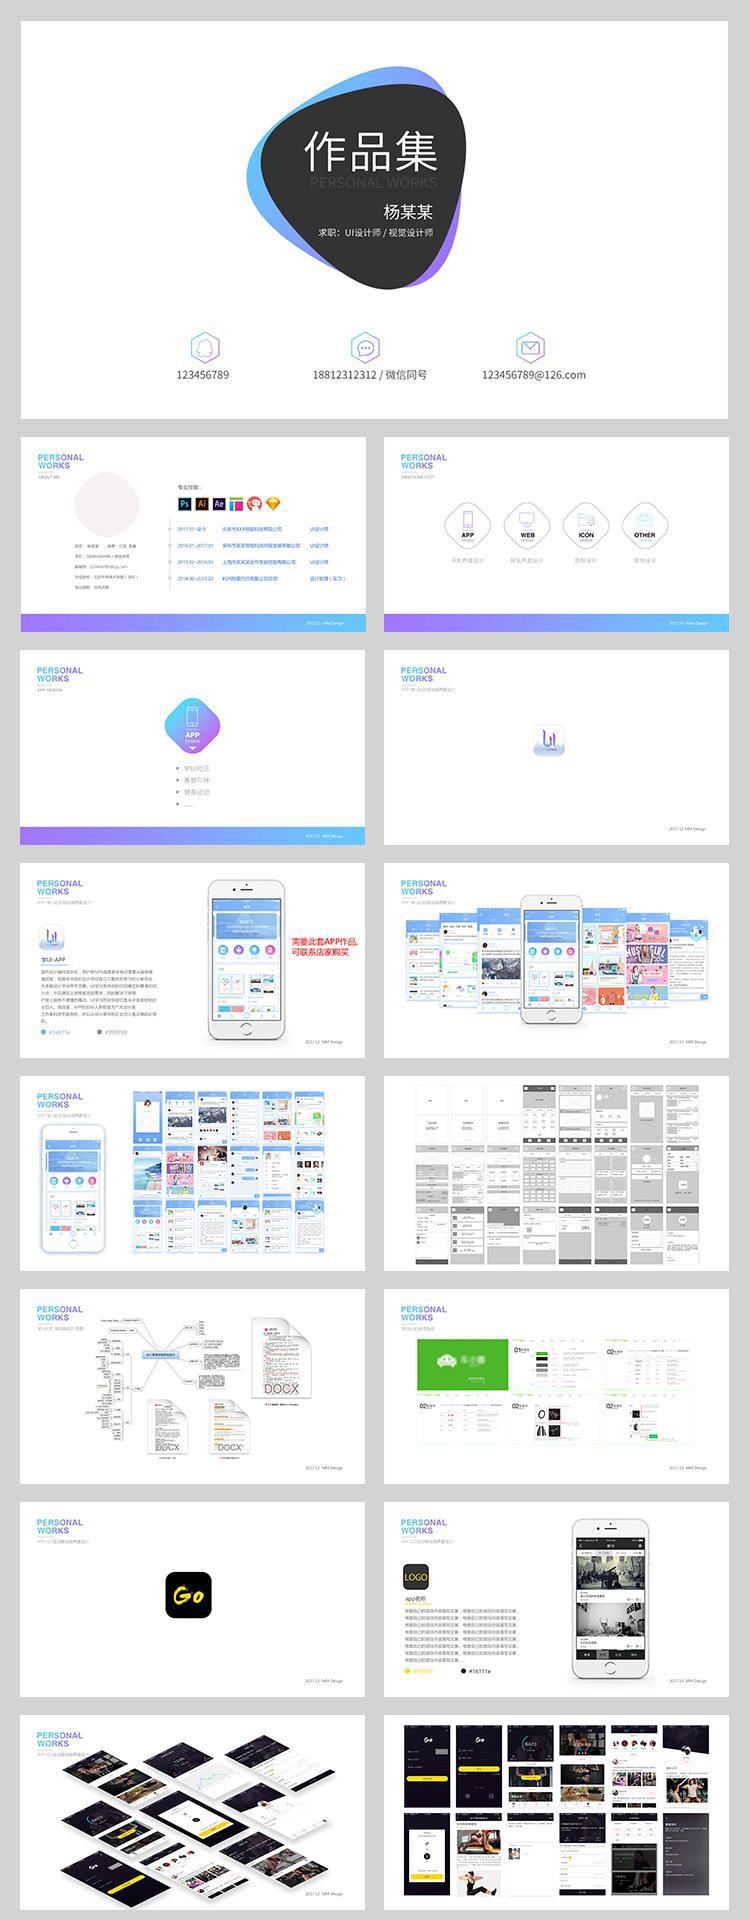 [素材包]UI作品集展示模板网页平面UI设计师作品简历面试PSD设计素材 素材包-第7张